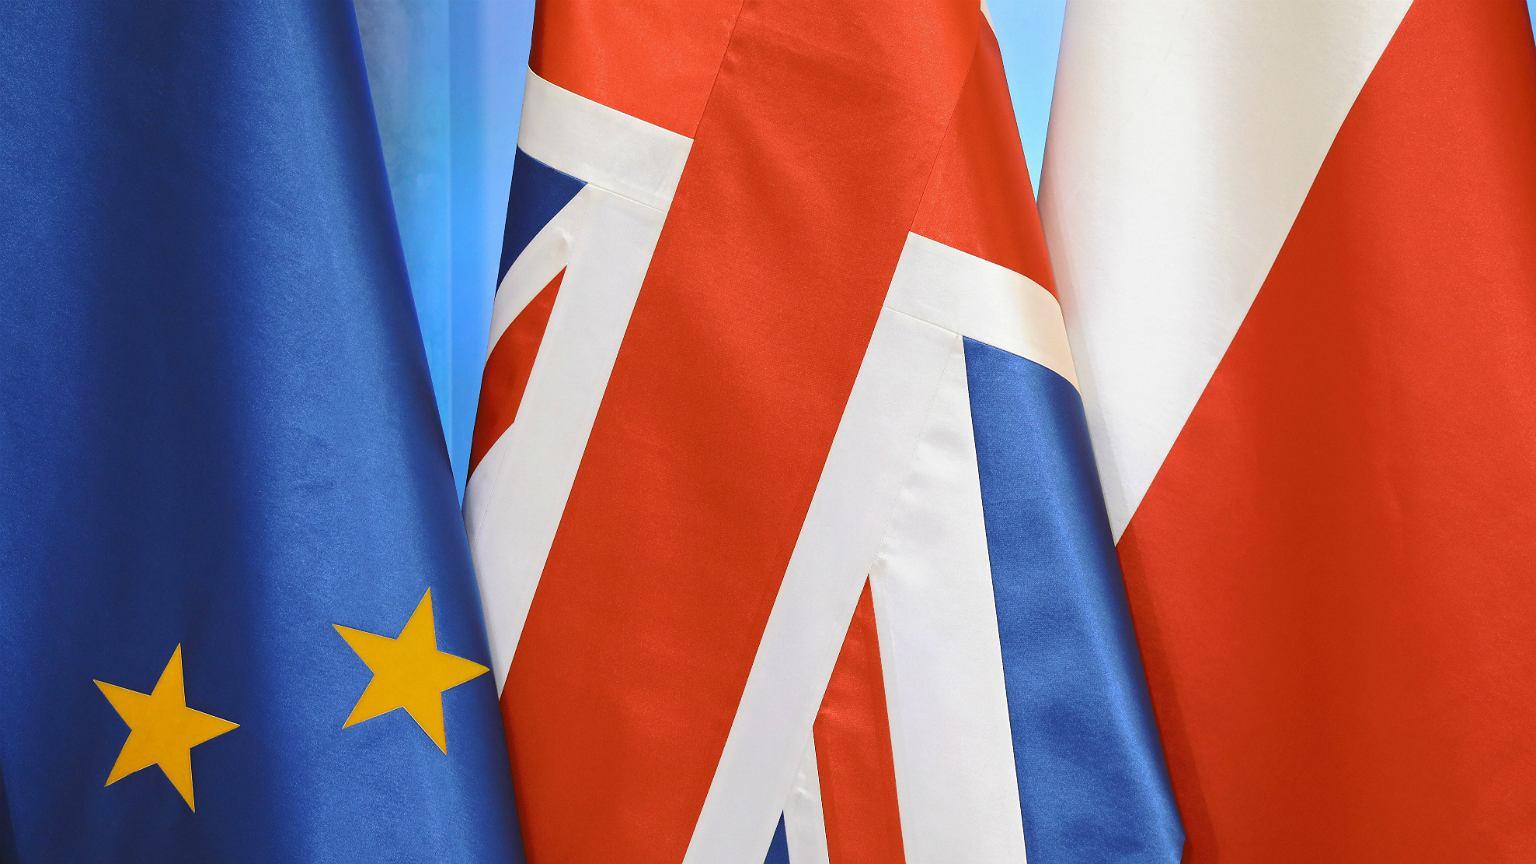 Polacy na Wyspach o Brexicie. Jedni się stresują, inni nie sieją paniki